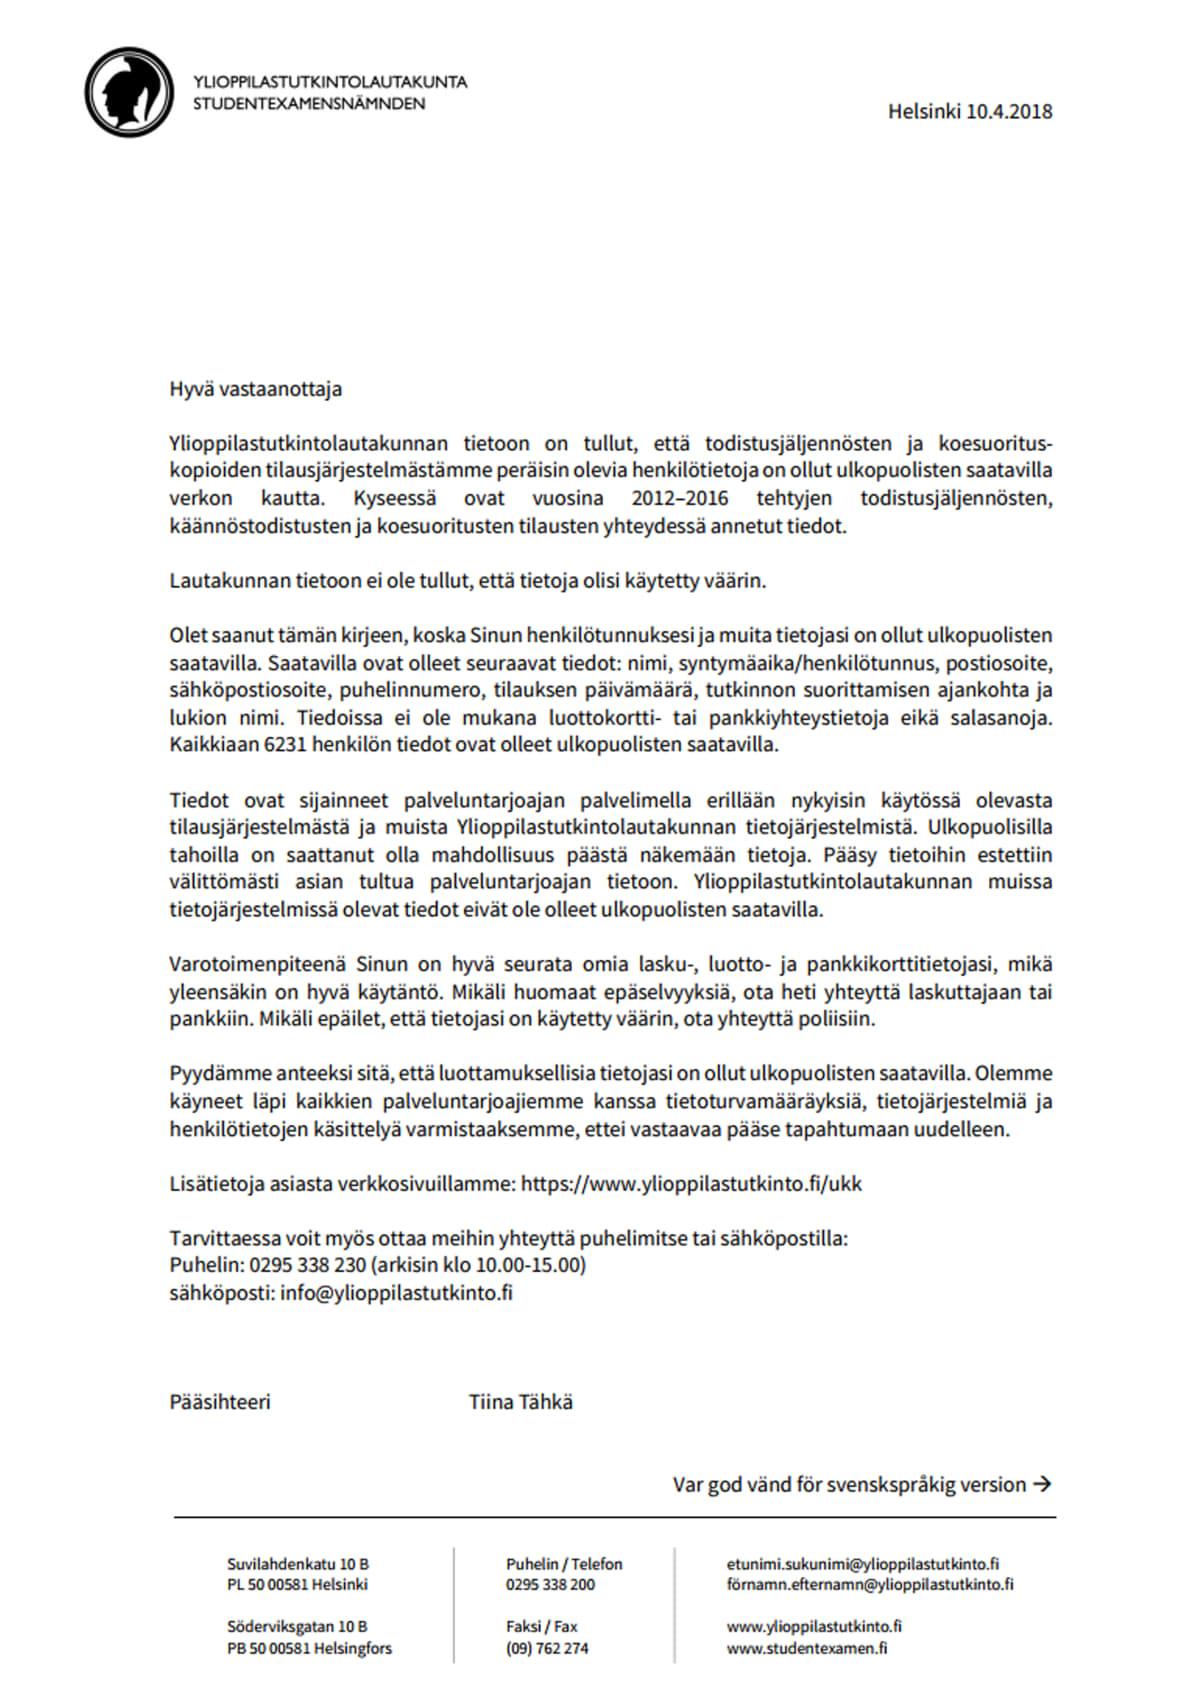 Ylioppilastutkintolautakunnan tietovuotoon liittyvä kirje.